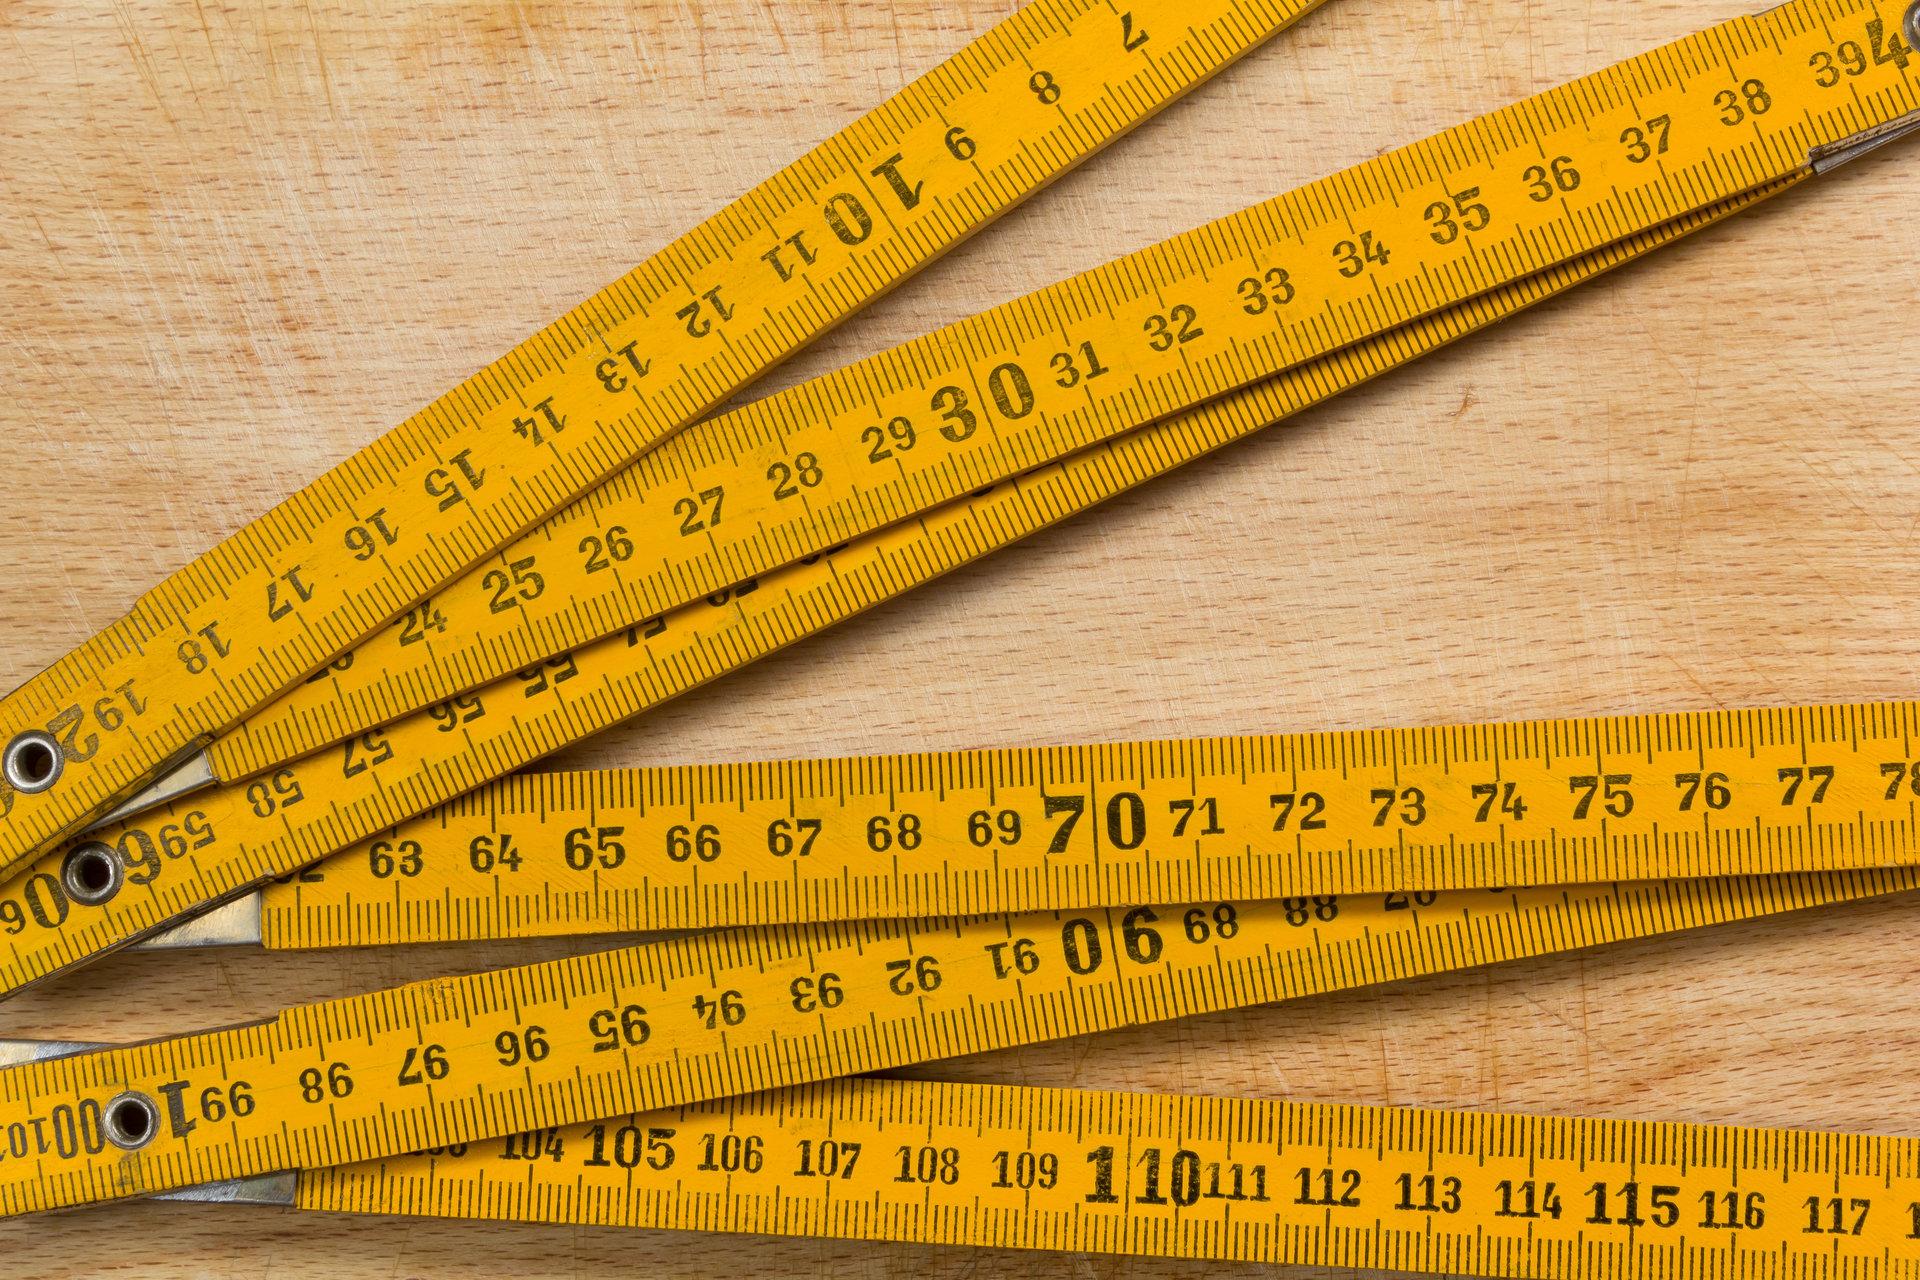 Penio dydziai per 13 metu Vakuuminis siurblys padidinti nario, kaip naudoti